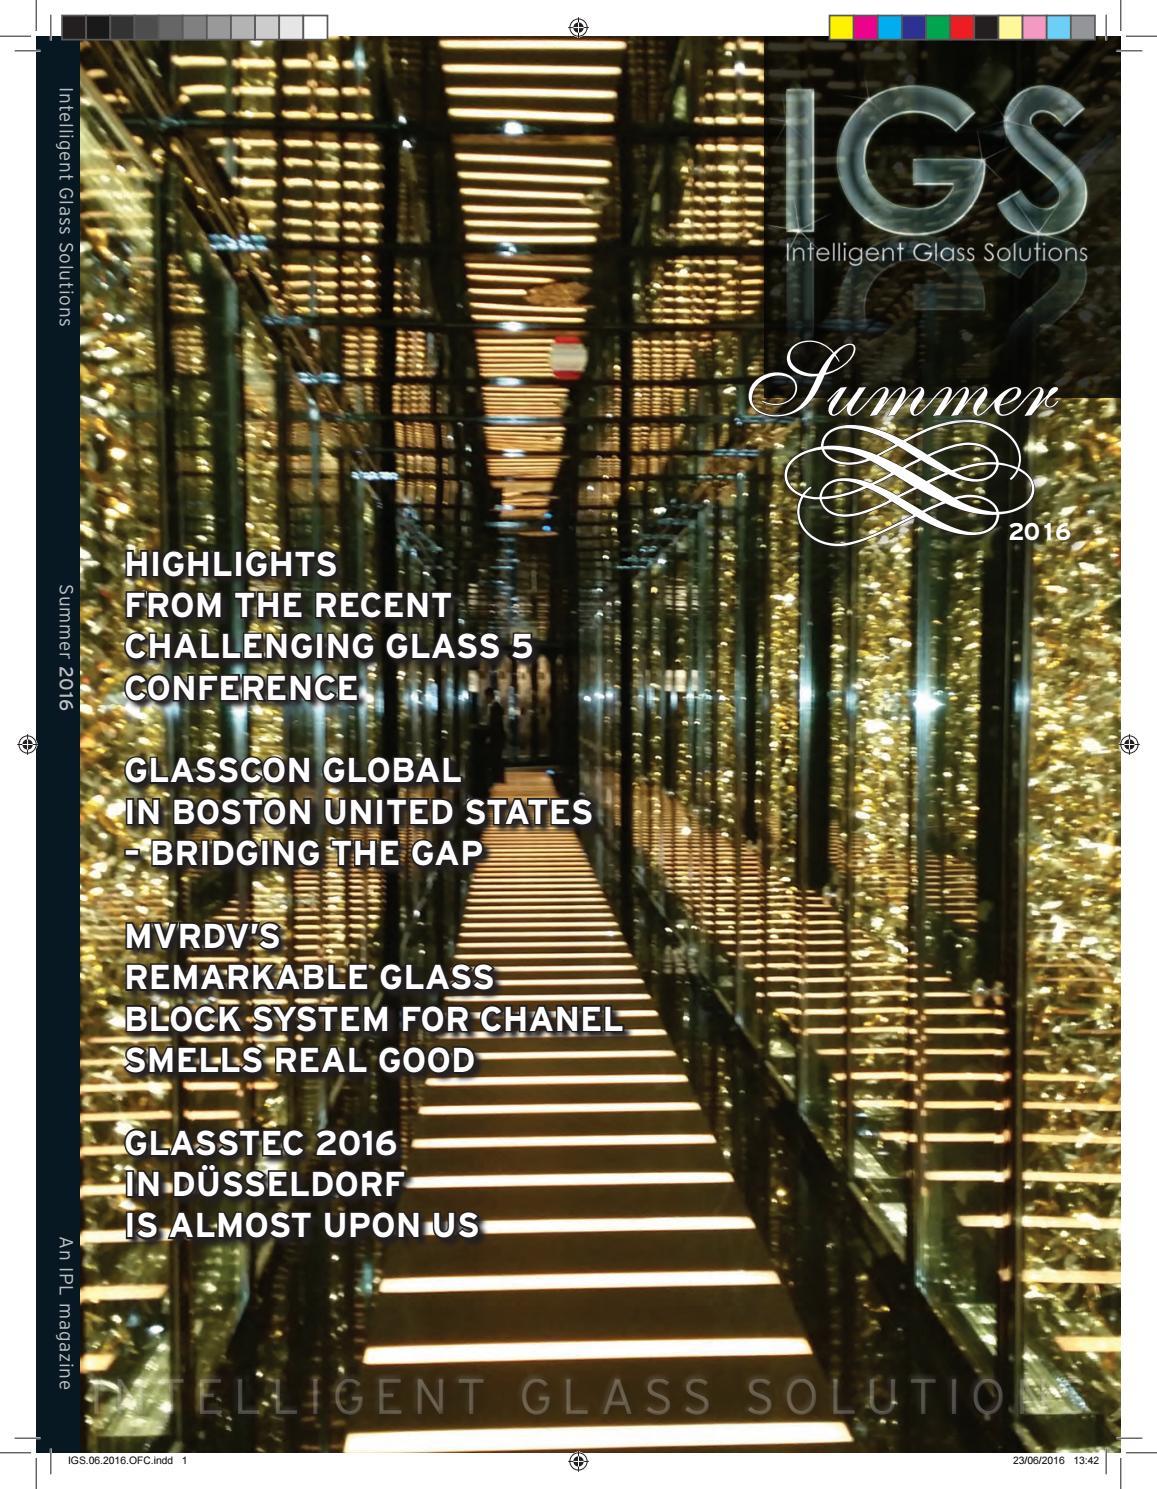 Summer 12 By IGS Magazine Issuu Impressive Architectural Association Visiting Schoolstuttgart Ilek 18 29 July 2016